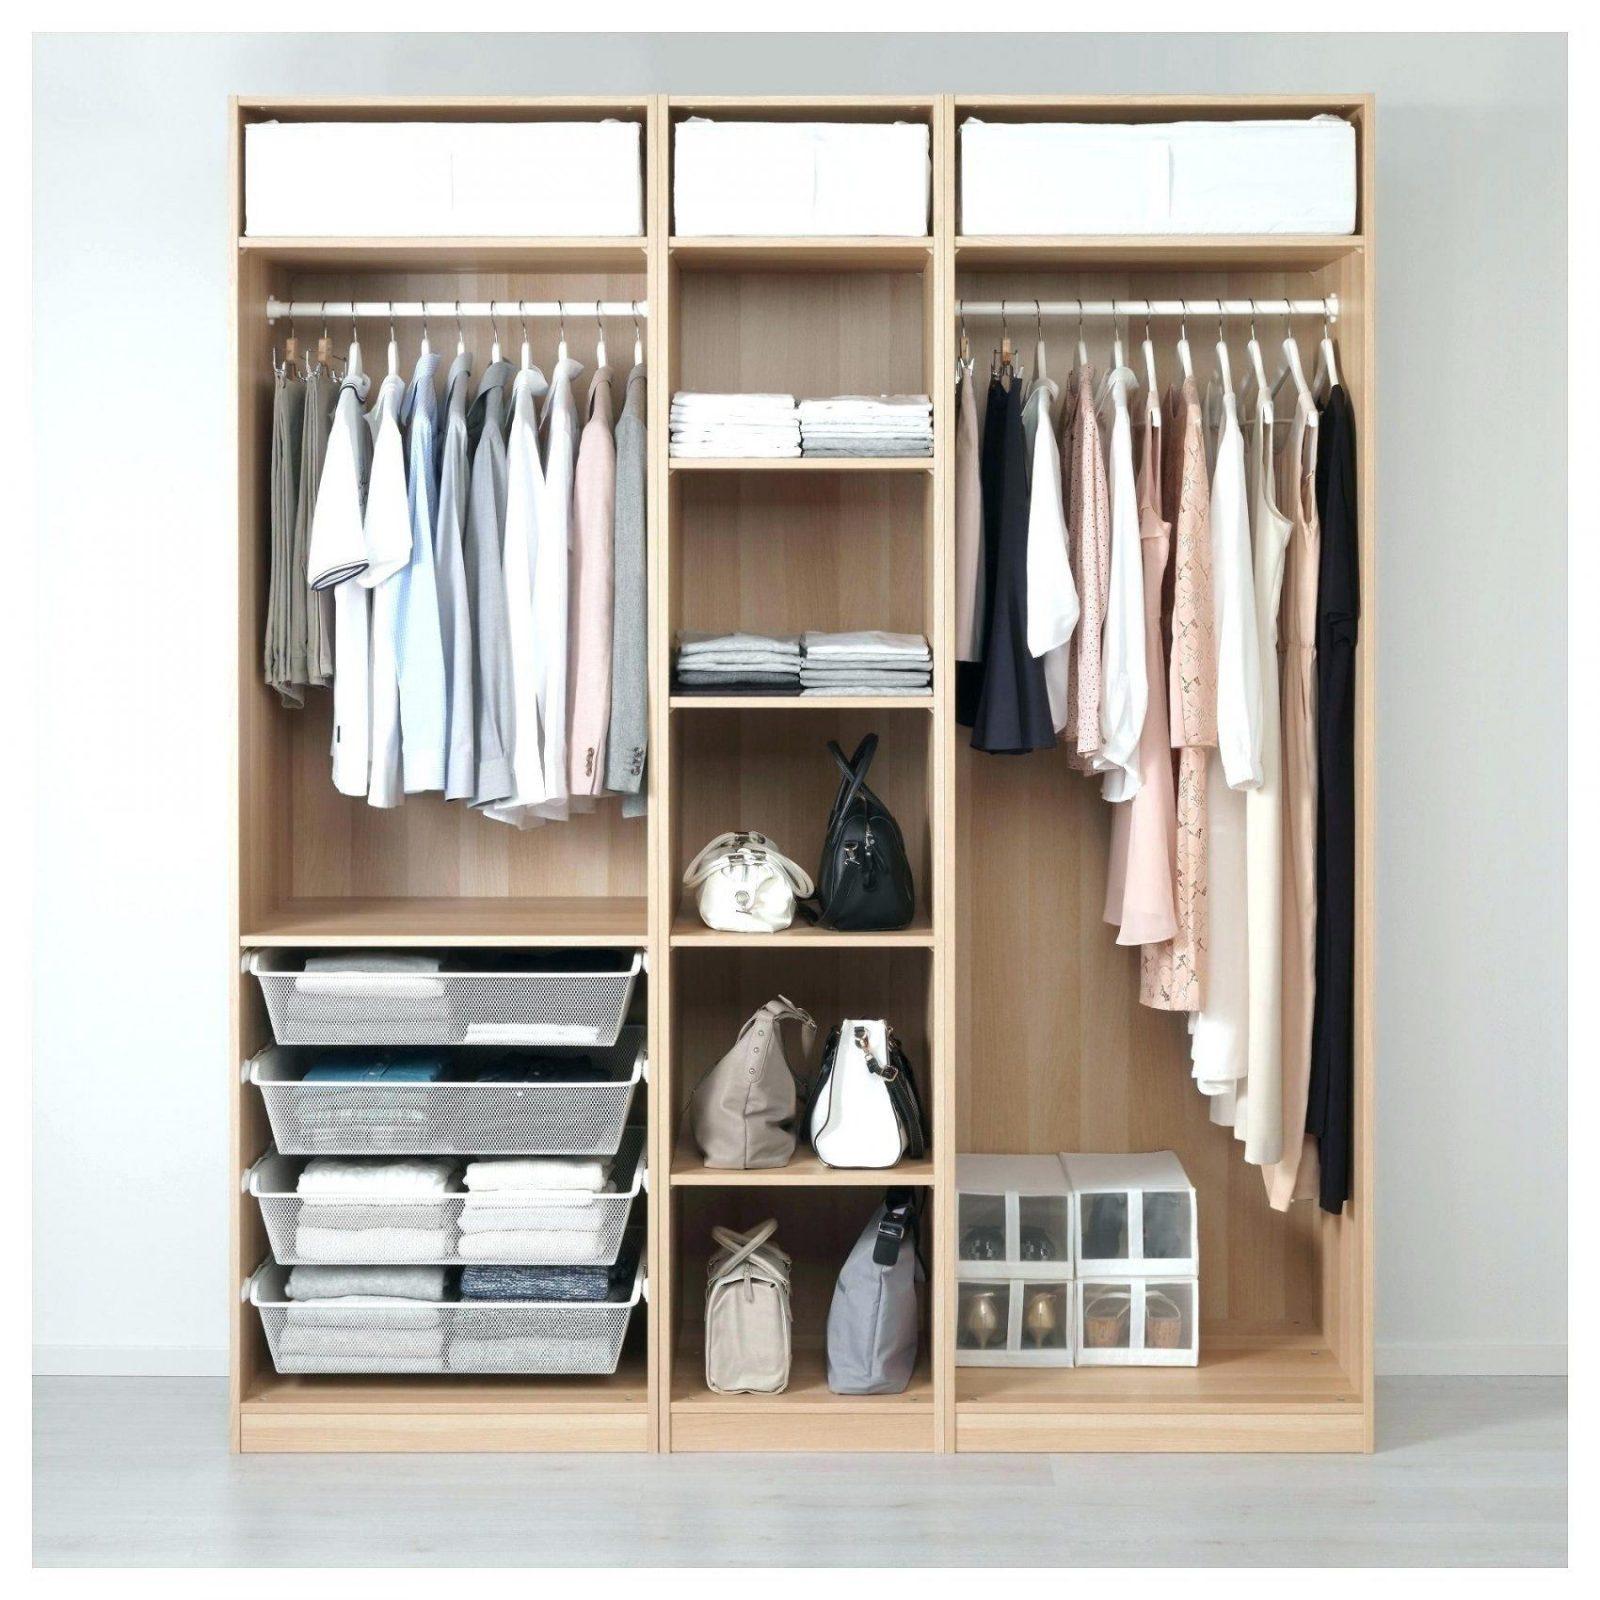 Erstaunlich Kleiderschrank Selber Machen Ideen Kleiderschrank Selber von Kleiderschrank Selber Machen Ideen Bild